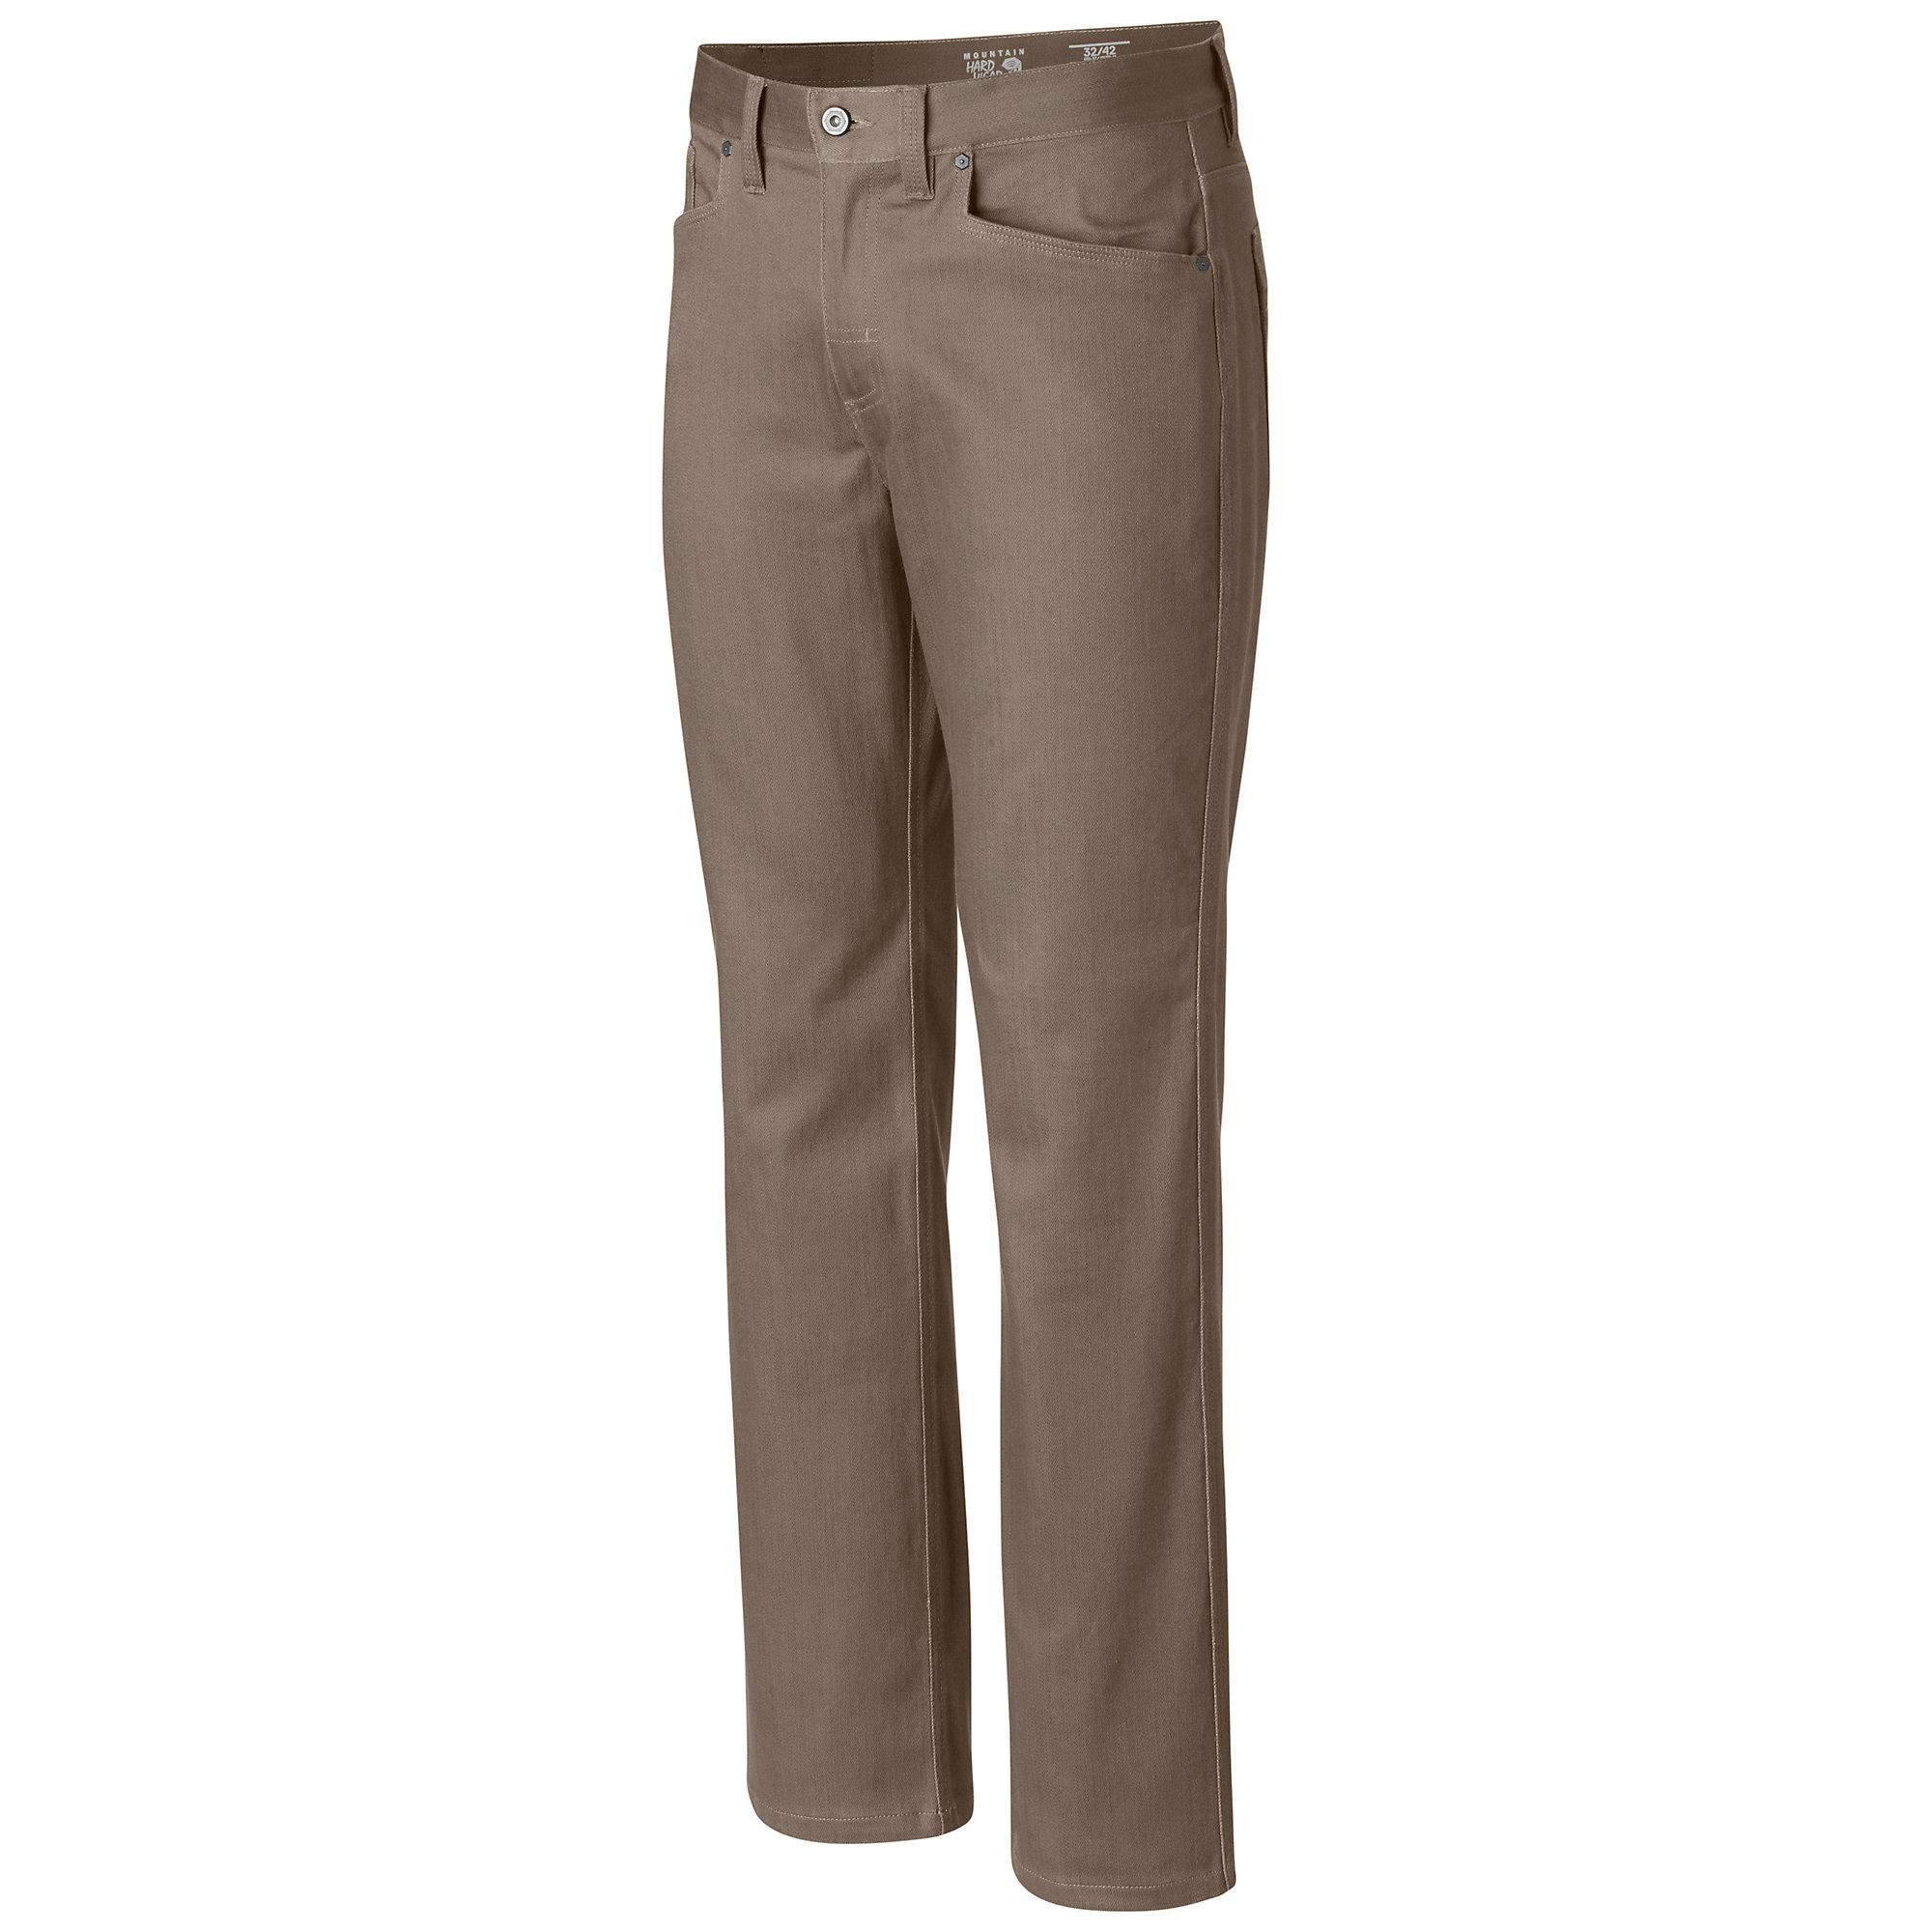 Mountain Hardwear Passenger 5 Pocket Pant